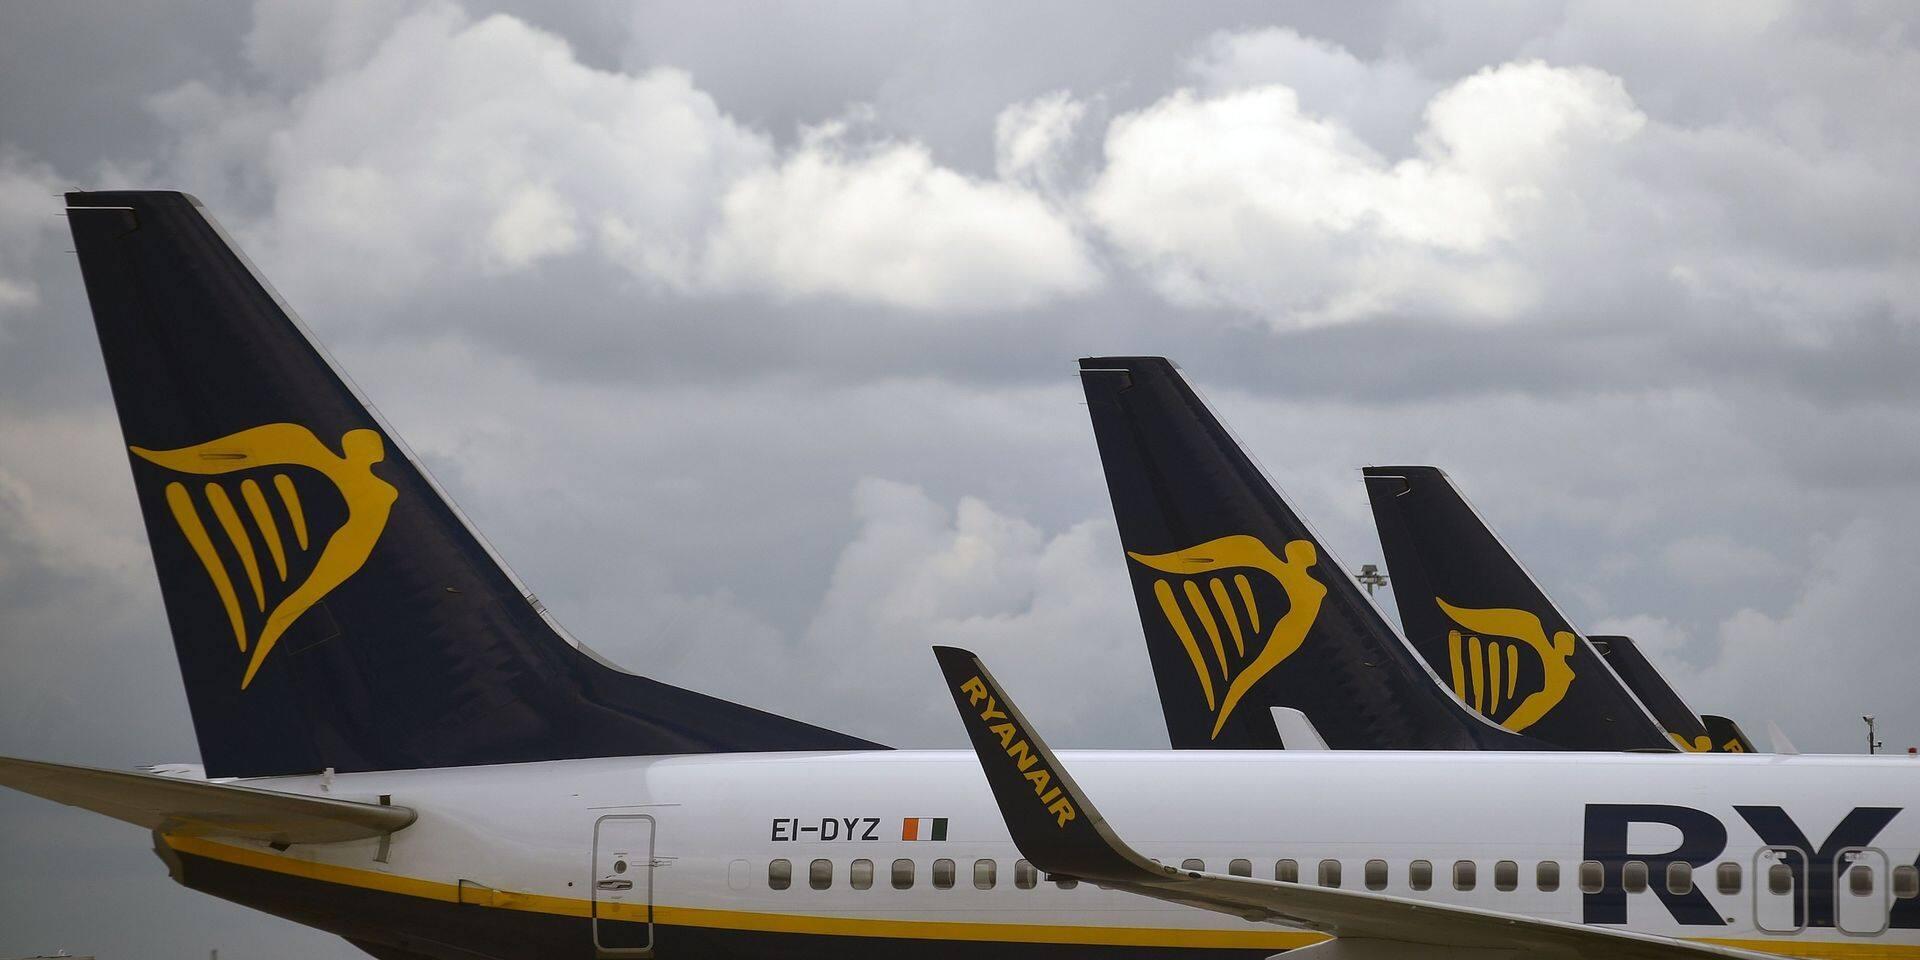 """Les Européens vont devoir payer plus pour voyager: """"Les billets d'avion à 10 euros, ce n'est plus possible"""""""